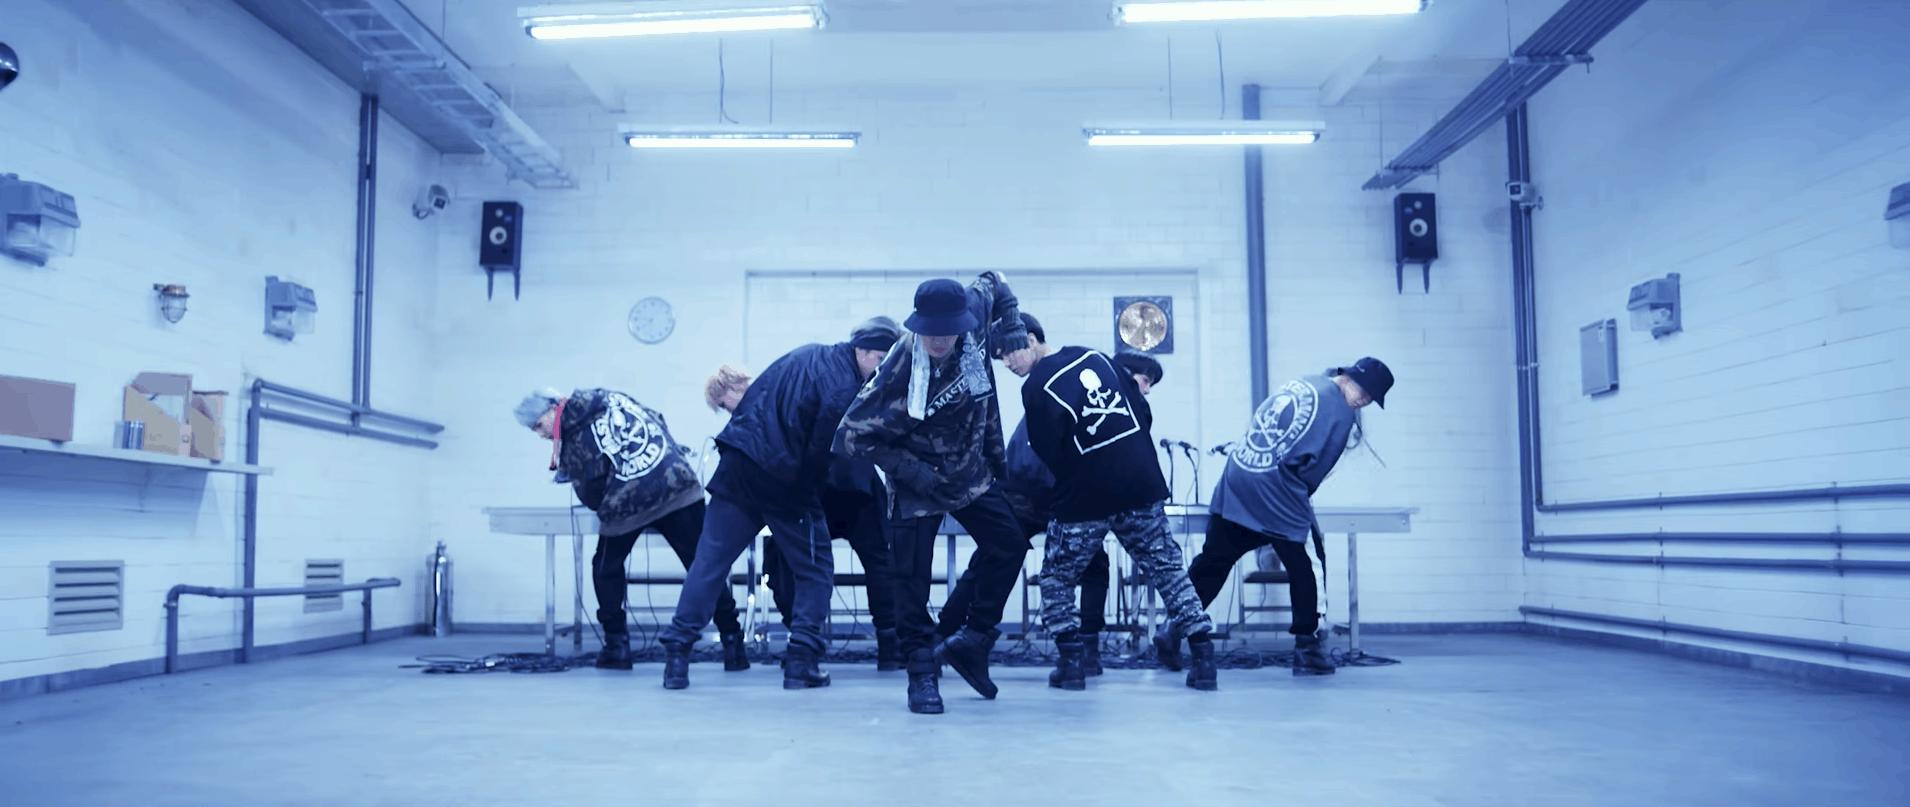 """Boyband đẹp trai, tài năng và xuất hiện trong các outfit """"chất"""" chính là BTS chứ còn ai"""